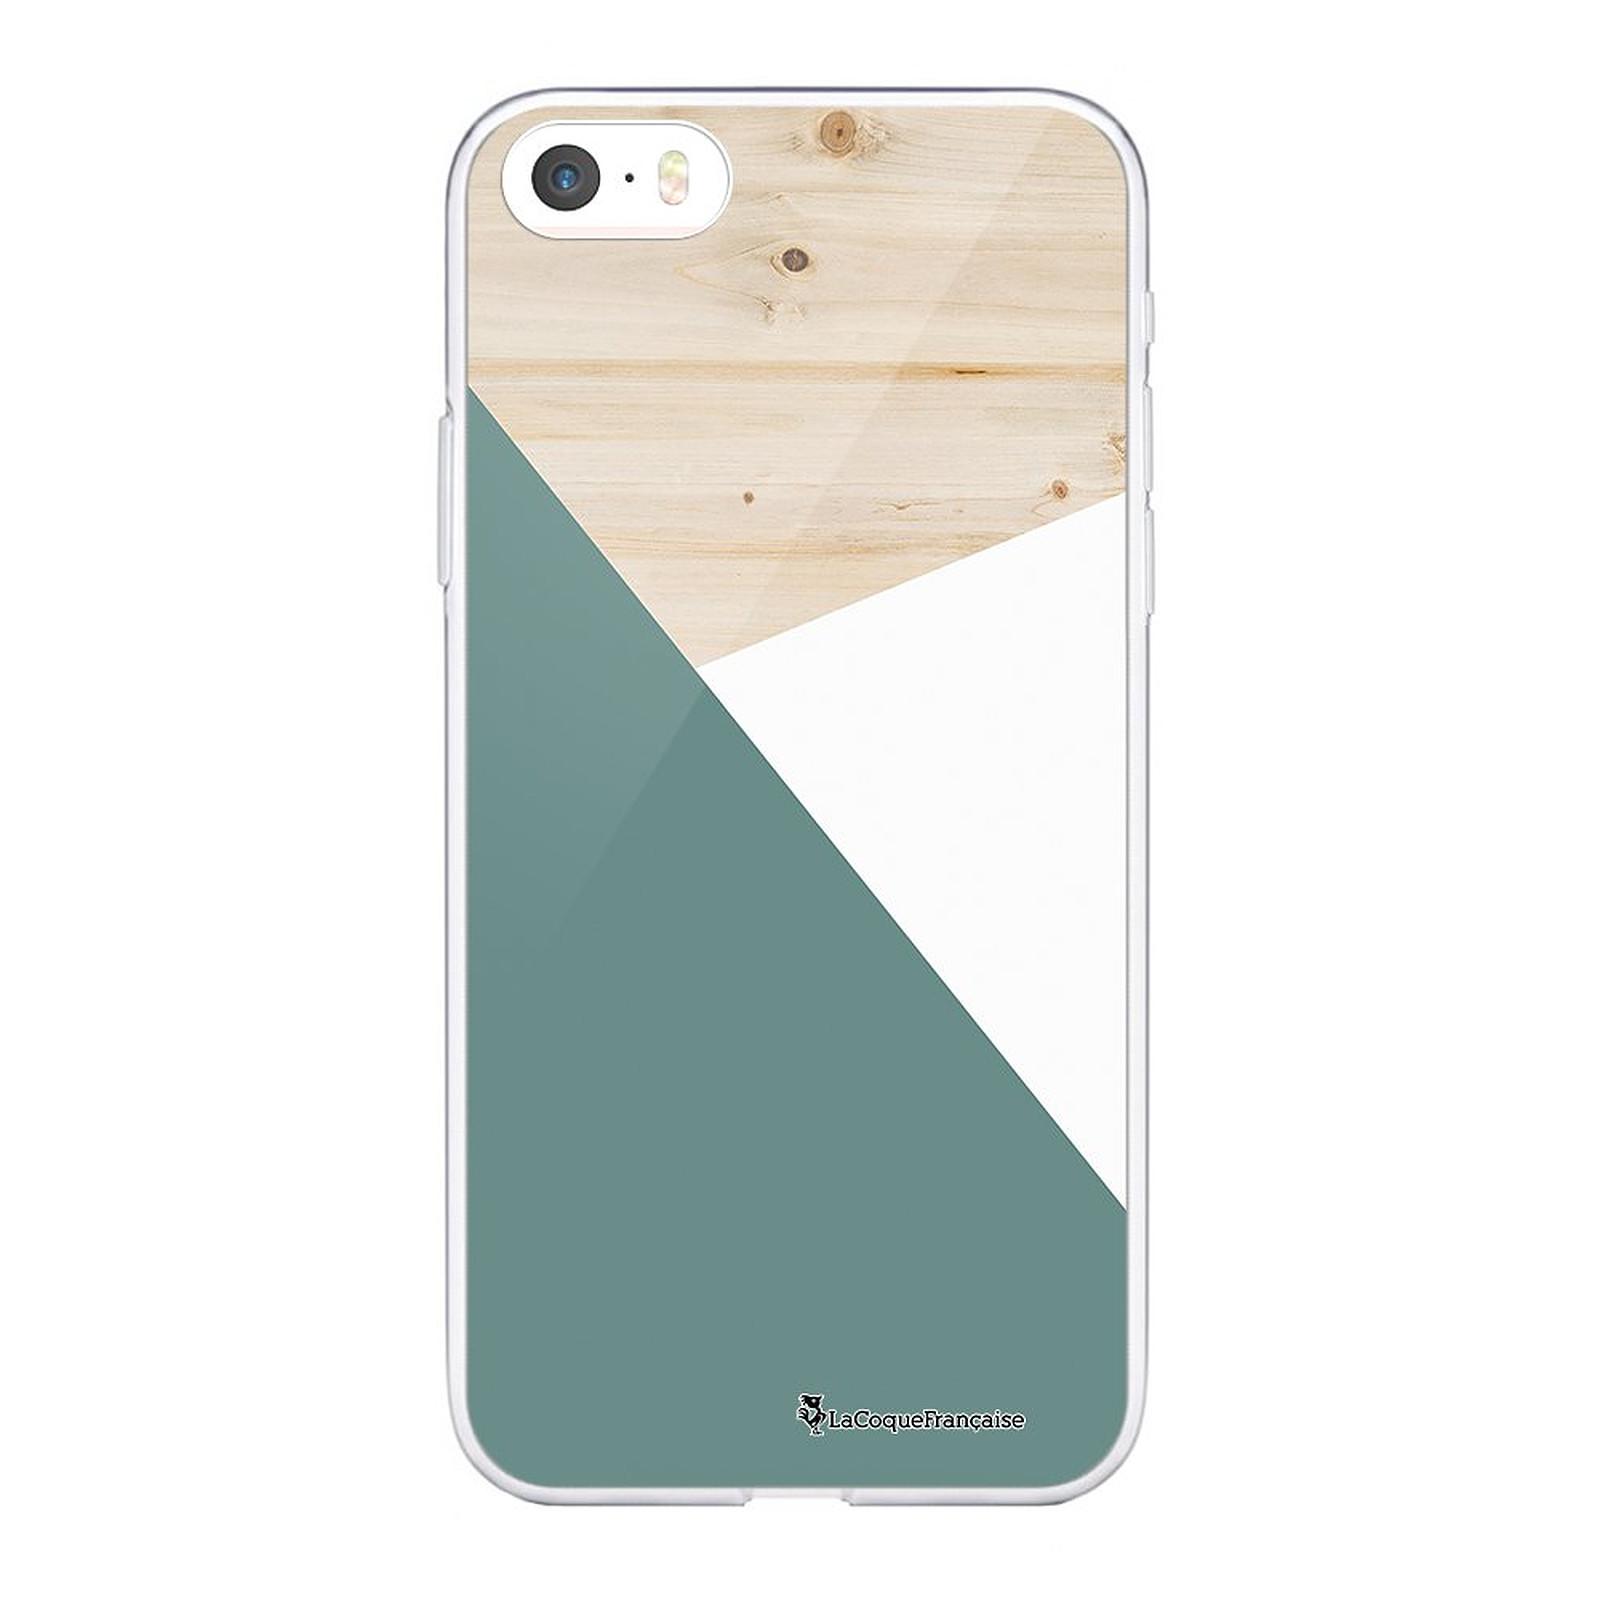 LA COQUE FRANCAISE Coque iPhone 5/5S/SE souple transparente Triobois - Coque téléphone LaCoqueFrançaise sur LDLC